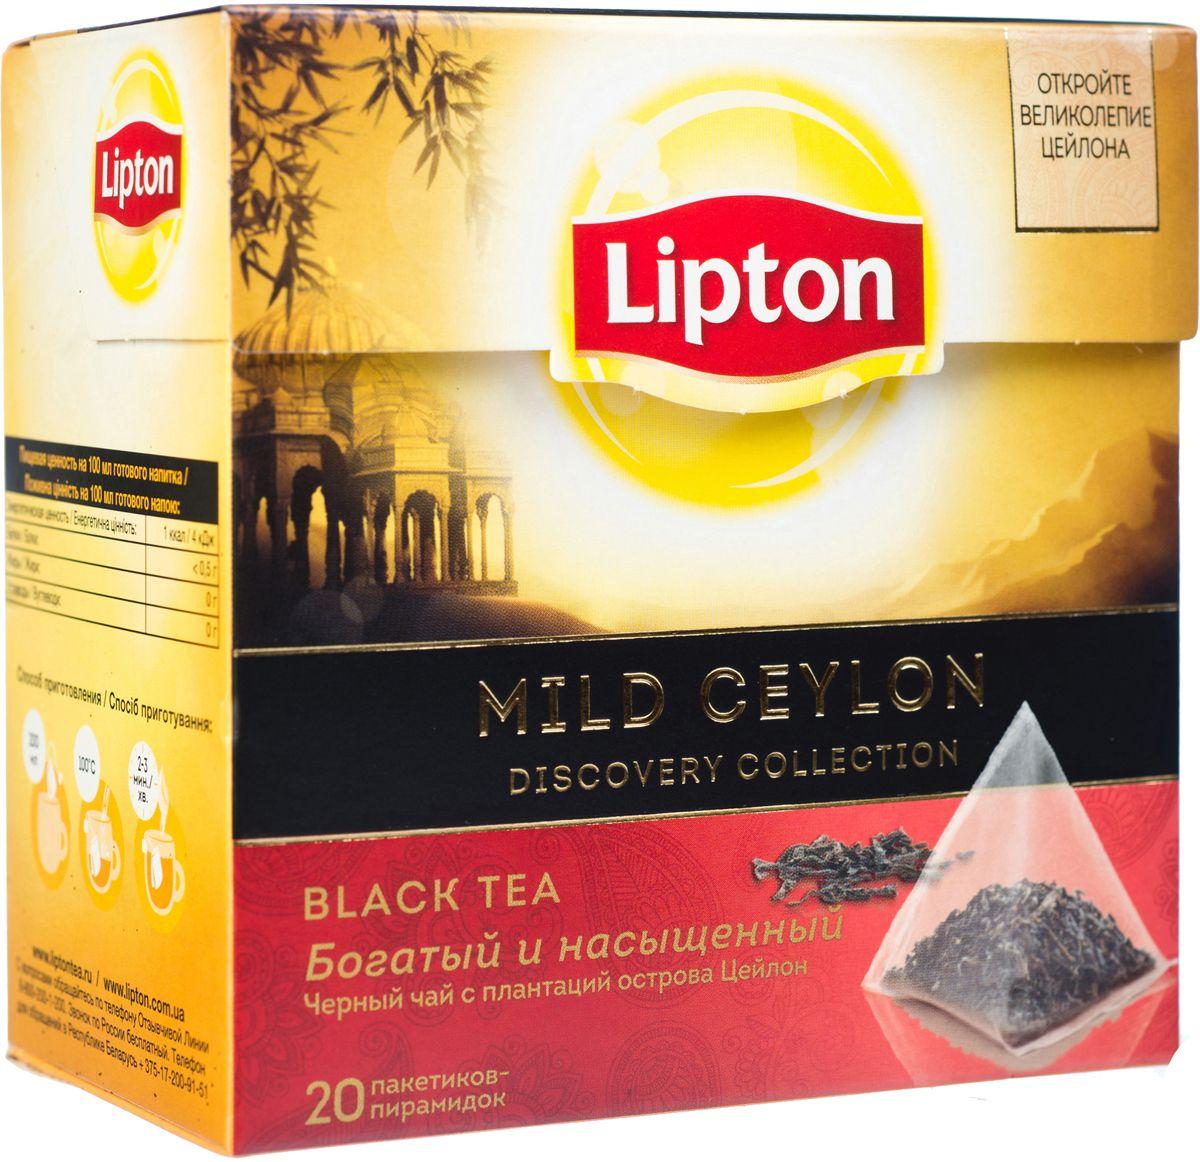 Lipton Черный чай Mild Ceylon 20 шт20204431/17245803/1724580Lipton Mild Ceylon - черный чай в пакетиках с плантаций острова Цейлон. Он прекрасно сочетает в себе два важных качества, за которые мы и ценим чай - крепость и насыщенный аромат в обрамлении мягкого вкуса. Ощутите великолепие долин и уединенных чайных плантаций острова Цейлон, на которых выращивают легендарный цейлонский черный чай.